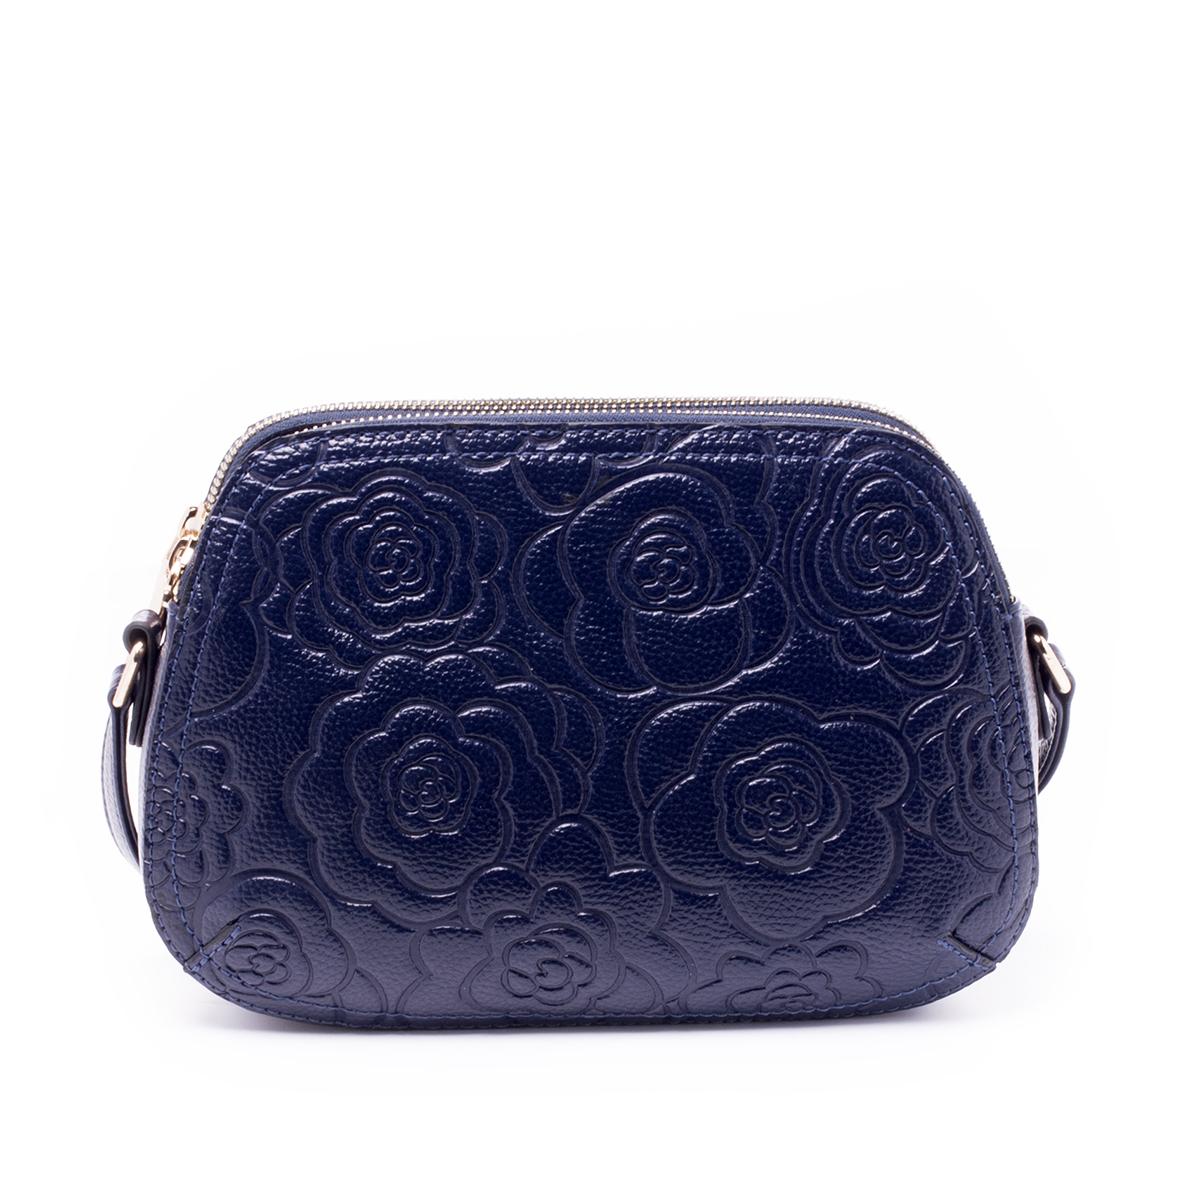 Сумка женская Renee Kler, цвет: синий. RK491s-06RK491s-06Загрязнения на изделиях удаляется влажной мягкой тканью